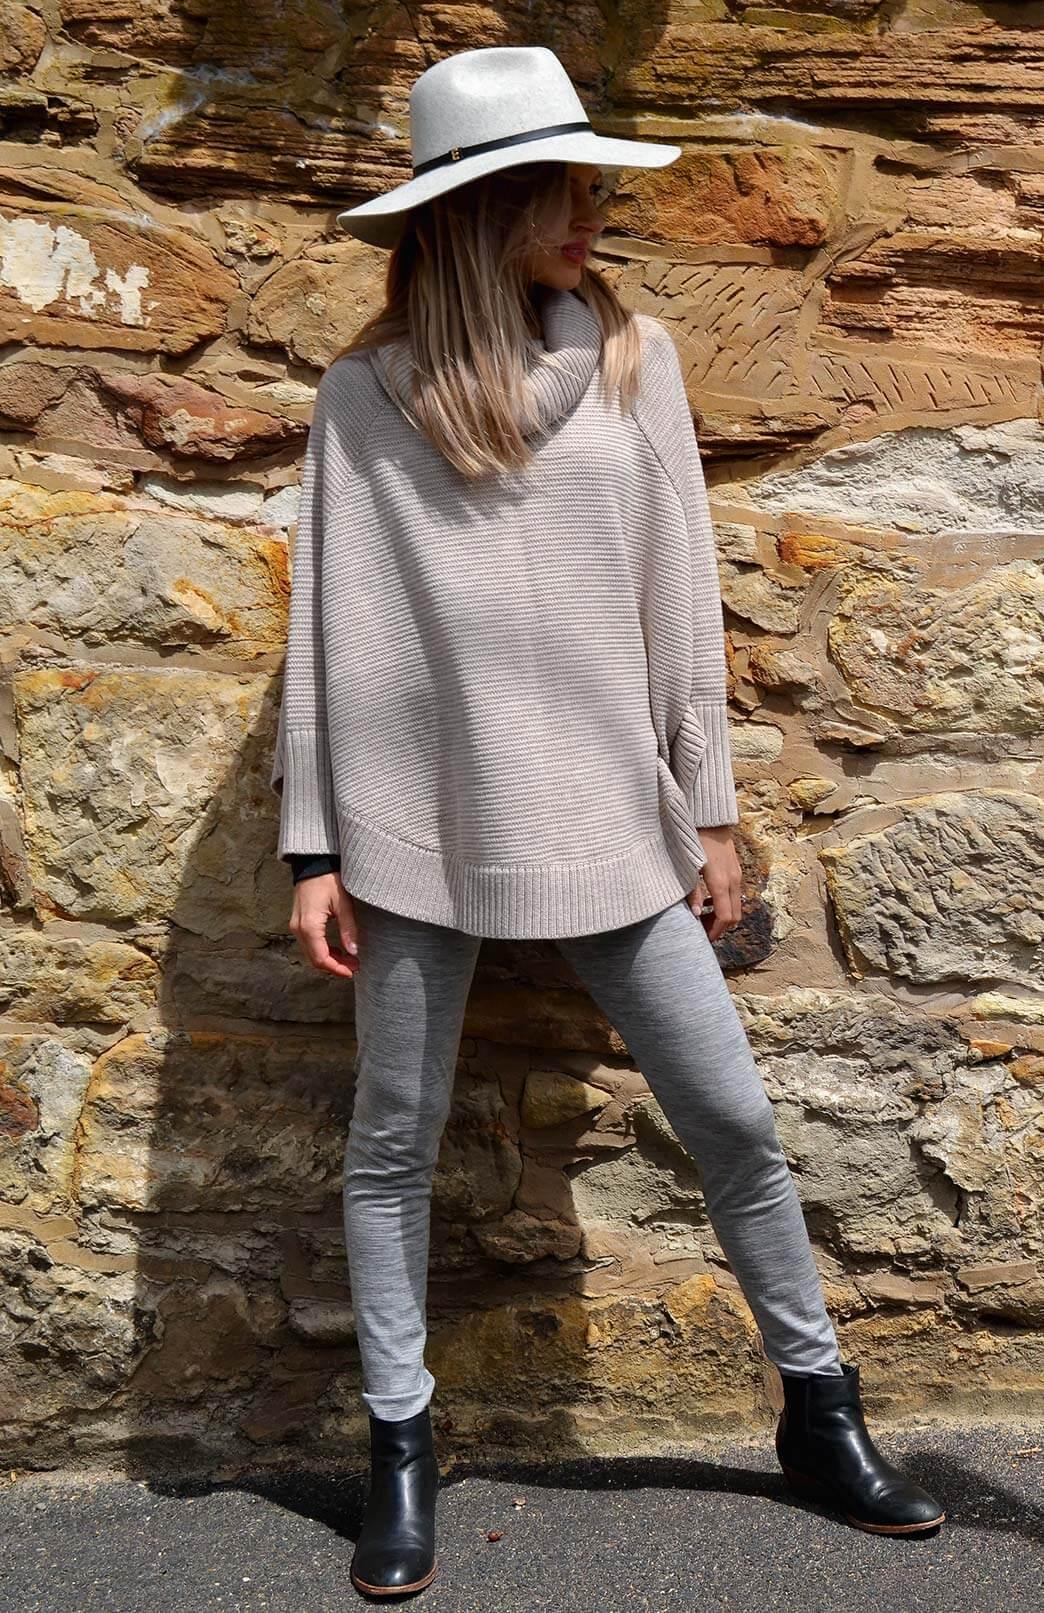 Chunky Cowl Neck Poncho with Sleeves - Women's Oatmeal Wool Poncho with sleeves and cowl neck line - Smitten Merino Tasmania Australia